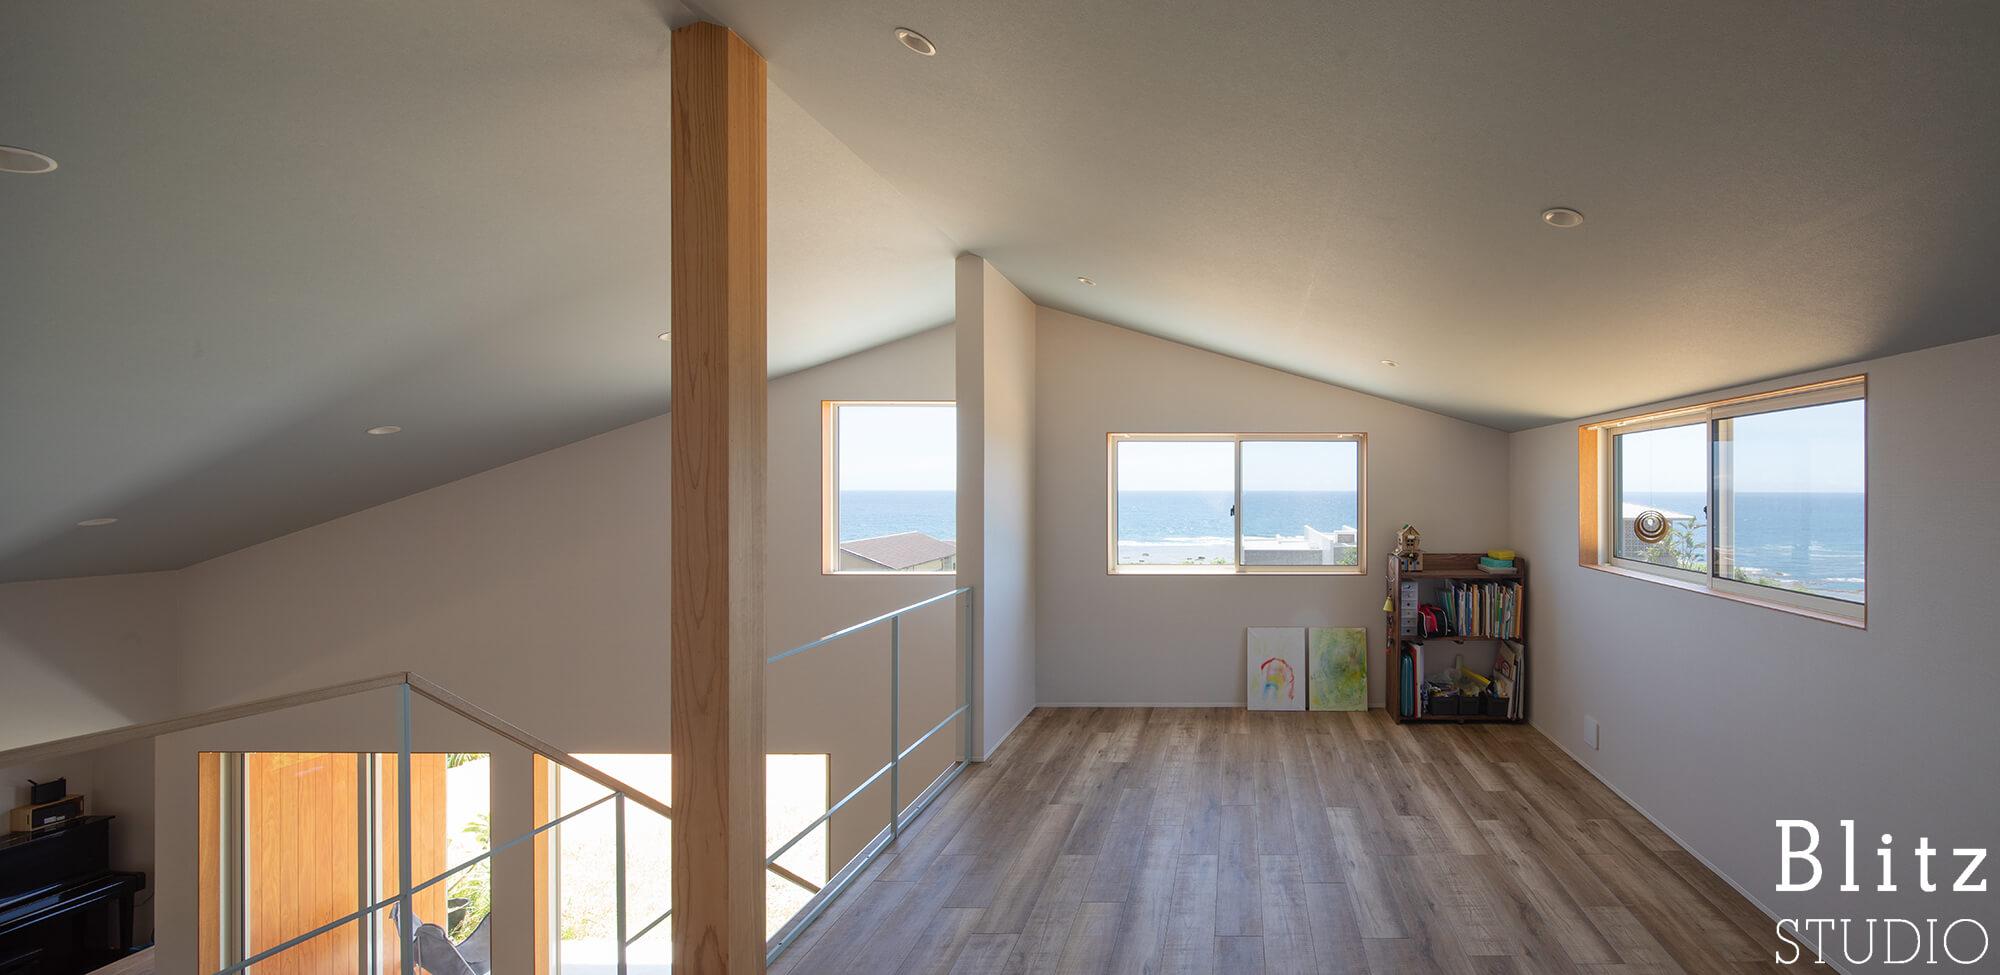 『水平線の見える家』建築写真・竣工写真・インテリア写真12